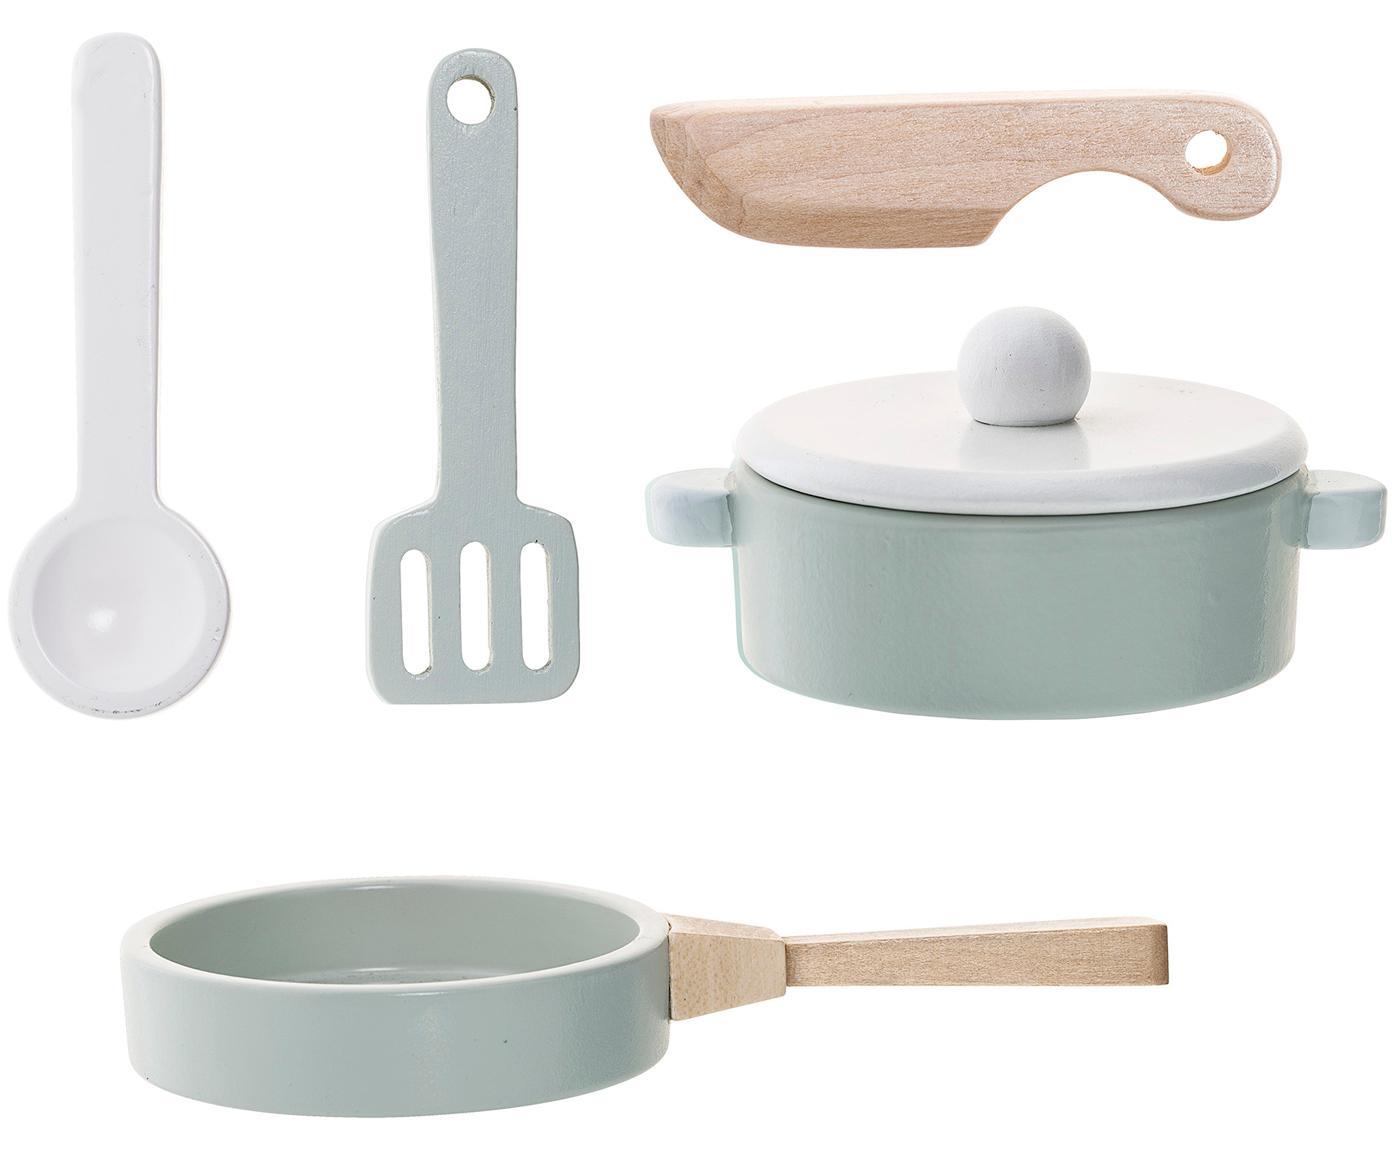 Spielzeug-Set Cooking, 5-tlg., Mitteldichte Holzfaserplatte (MDF), Schimaholz, Blau, Verschiedene Grössen